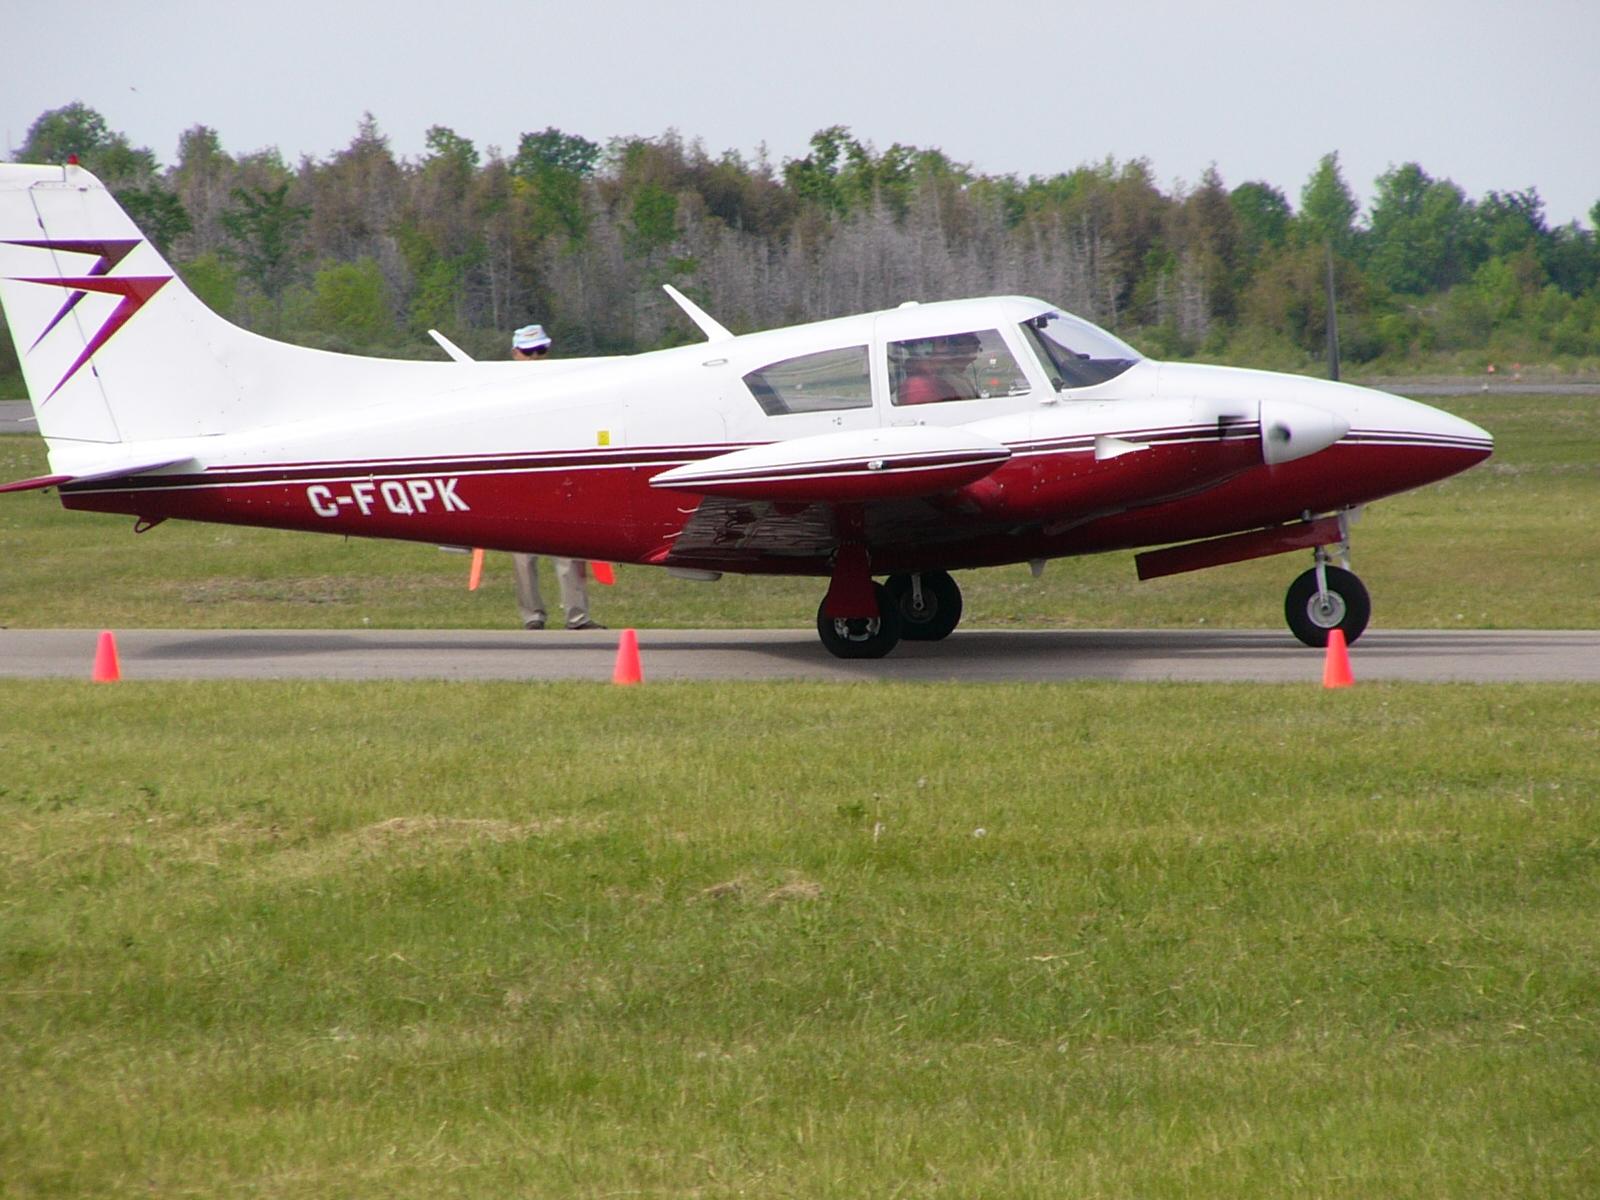 File:Piper PA-30 Twin Comanche C-FQPK 01.JPG